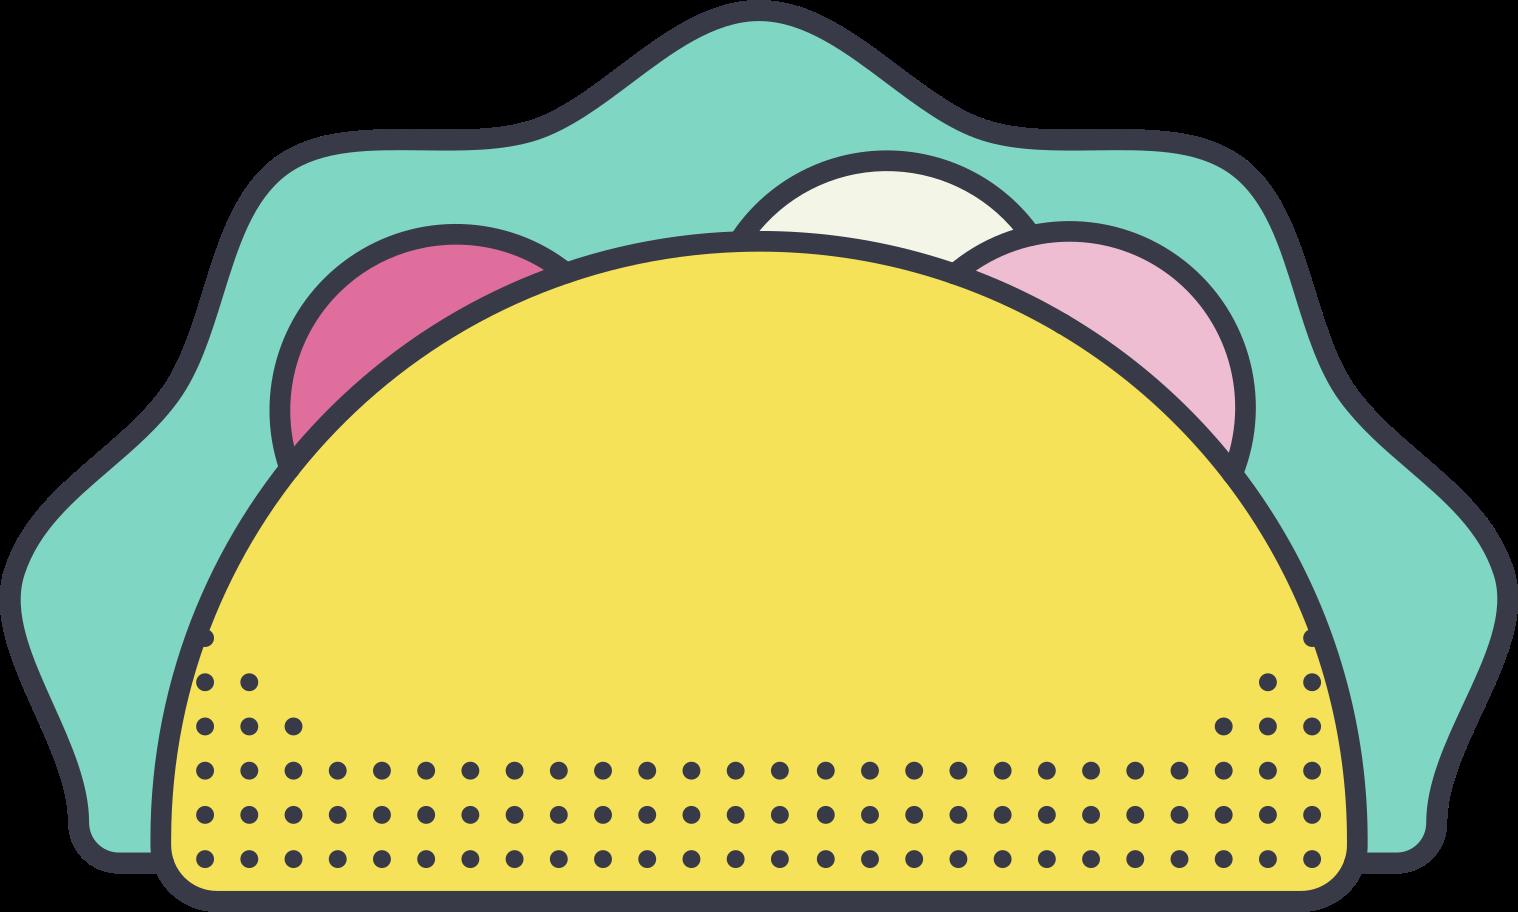 PNGとSVGの  スタイルの タコス ベクターイメージ   Icons8 イラスト